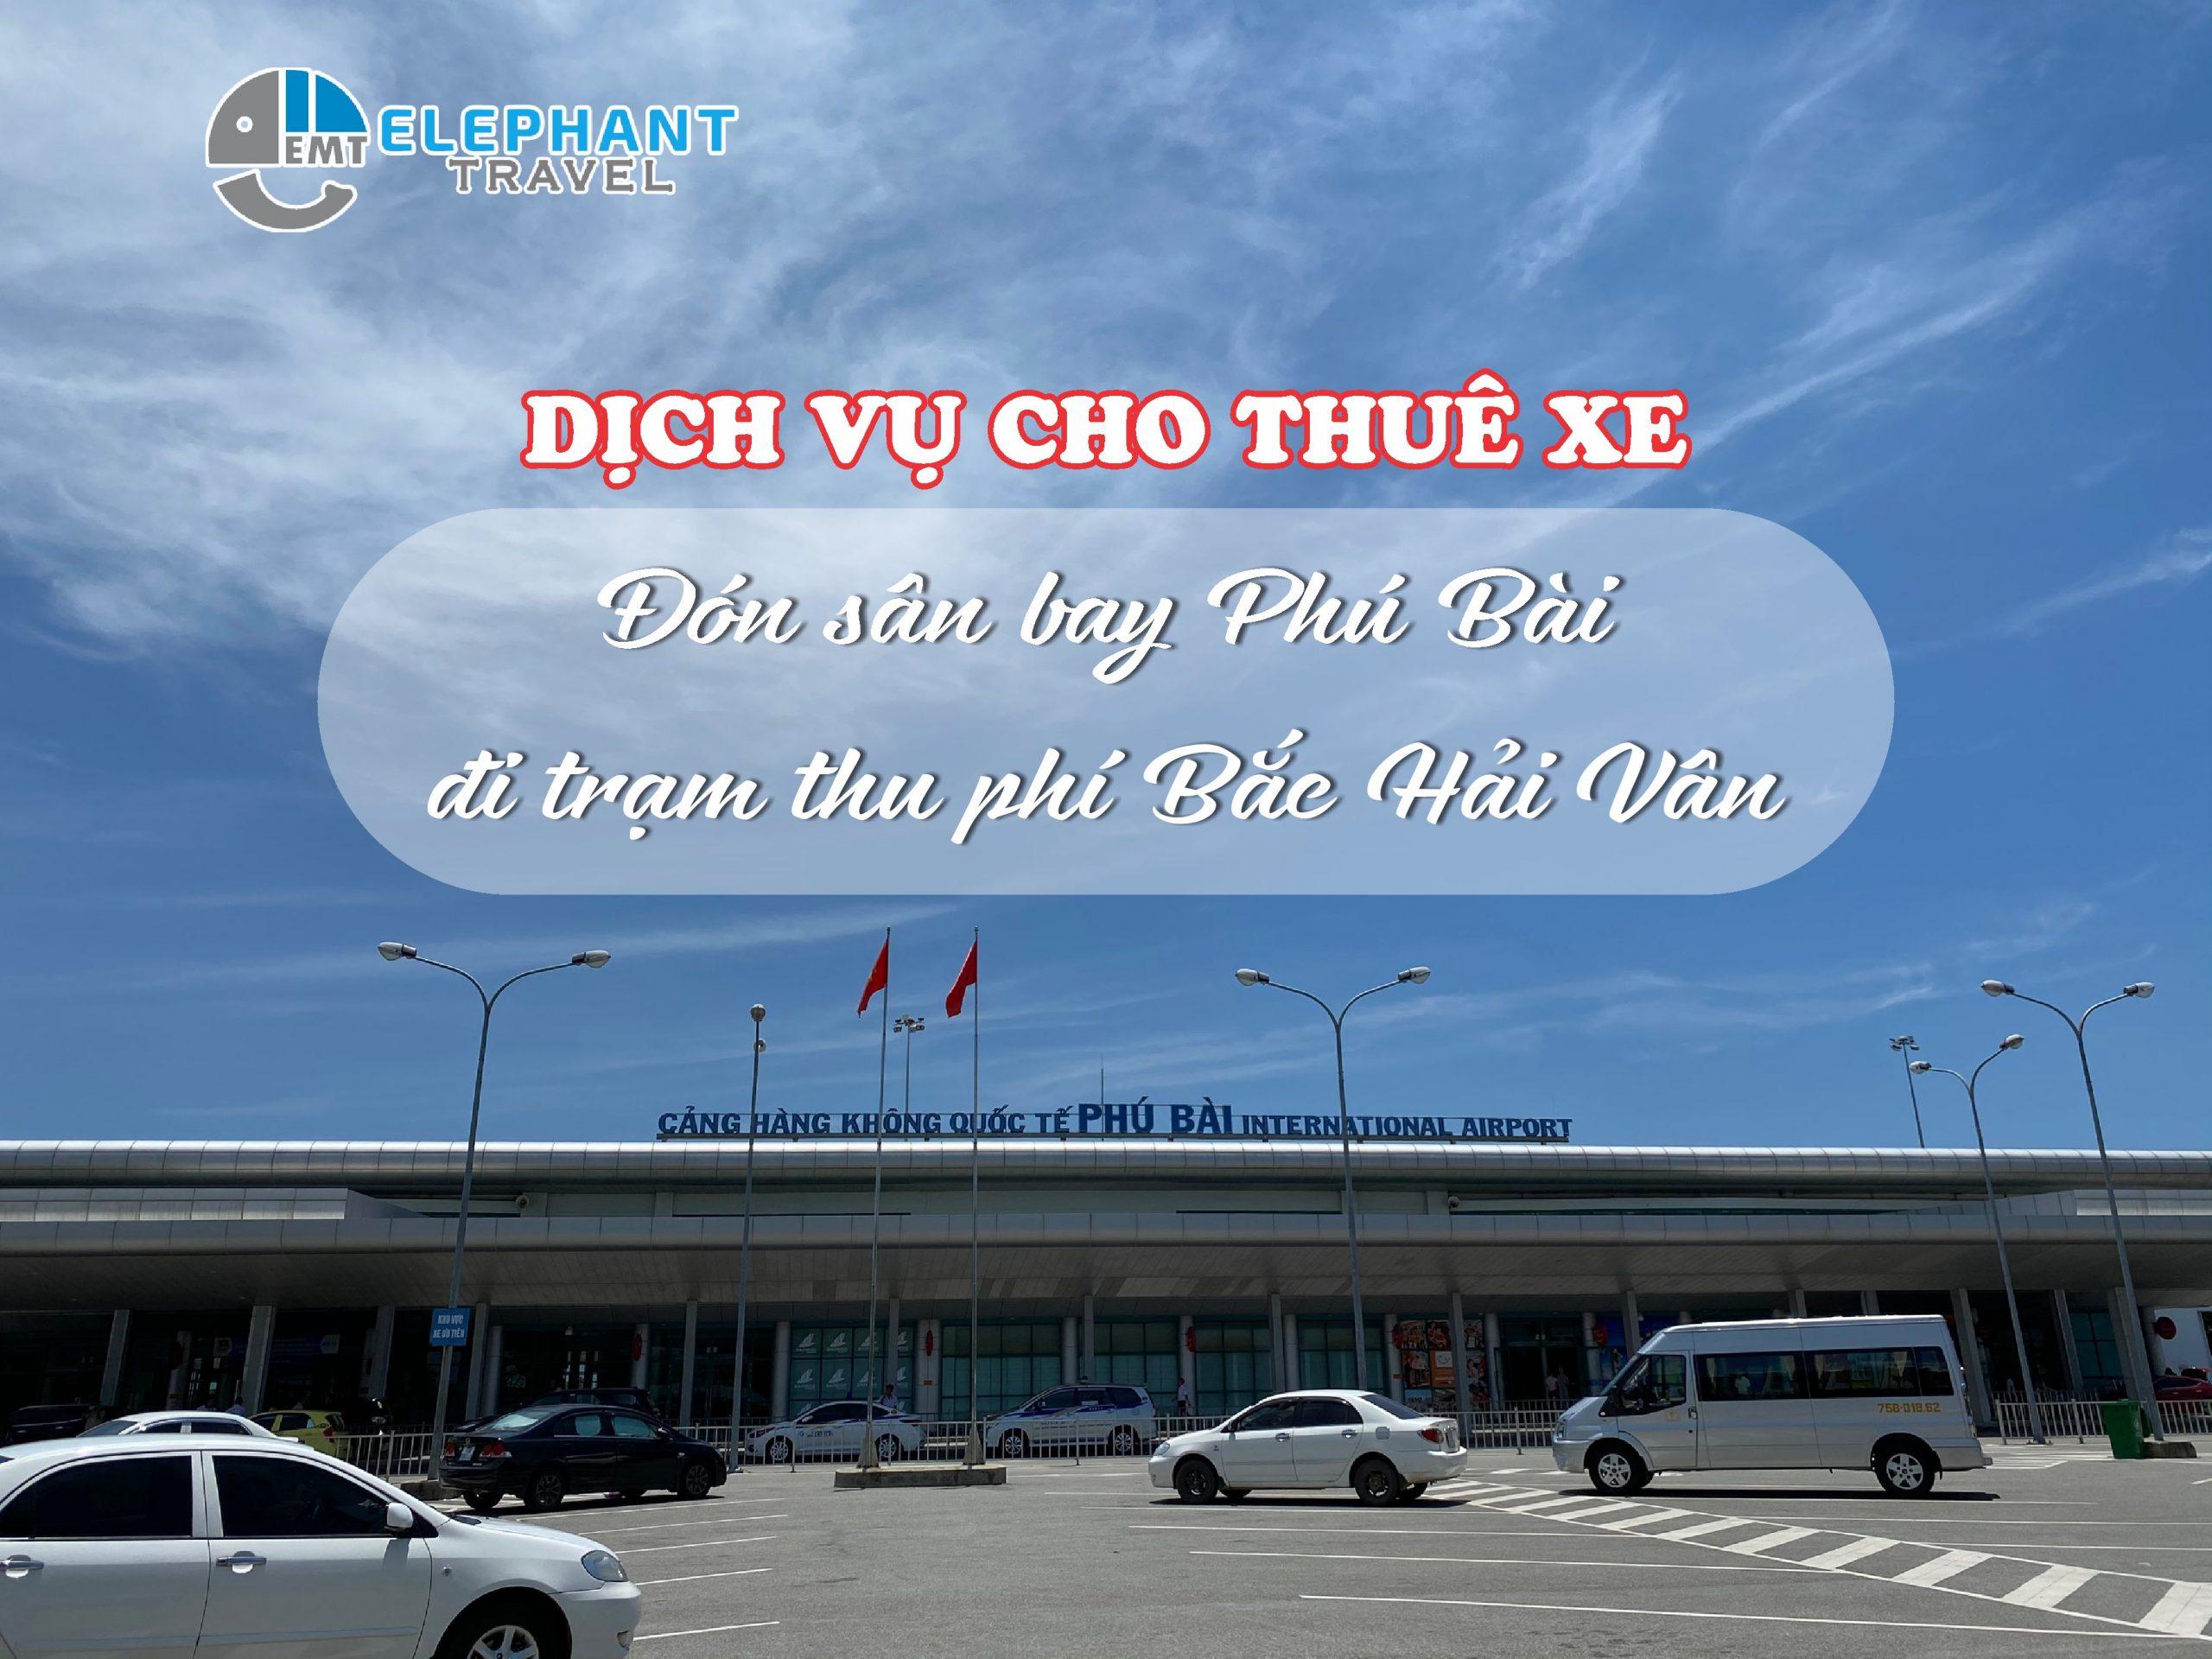 Dịch vụ cho thuê xe đón sân bay Phú Bài đi trạm thu phí Bắc Hải Vân – Huế